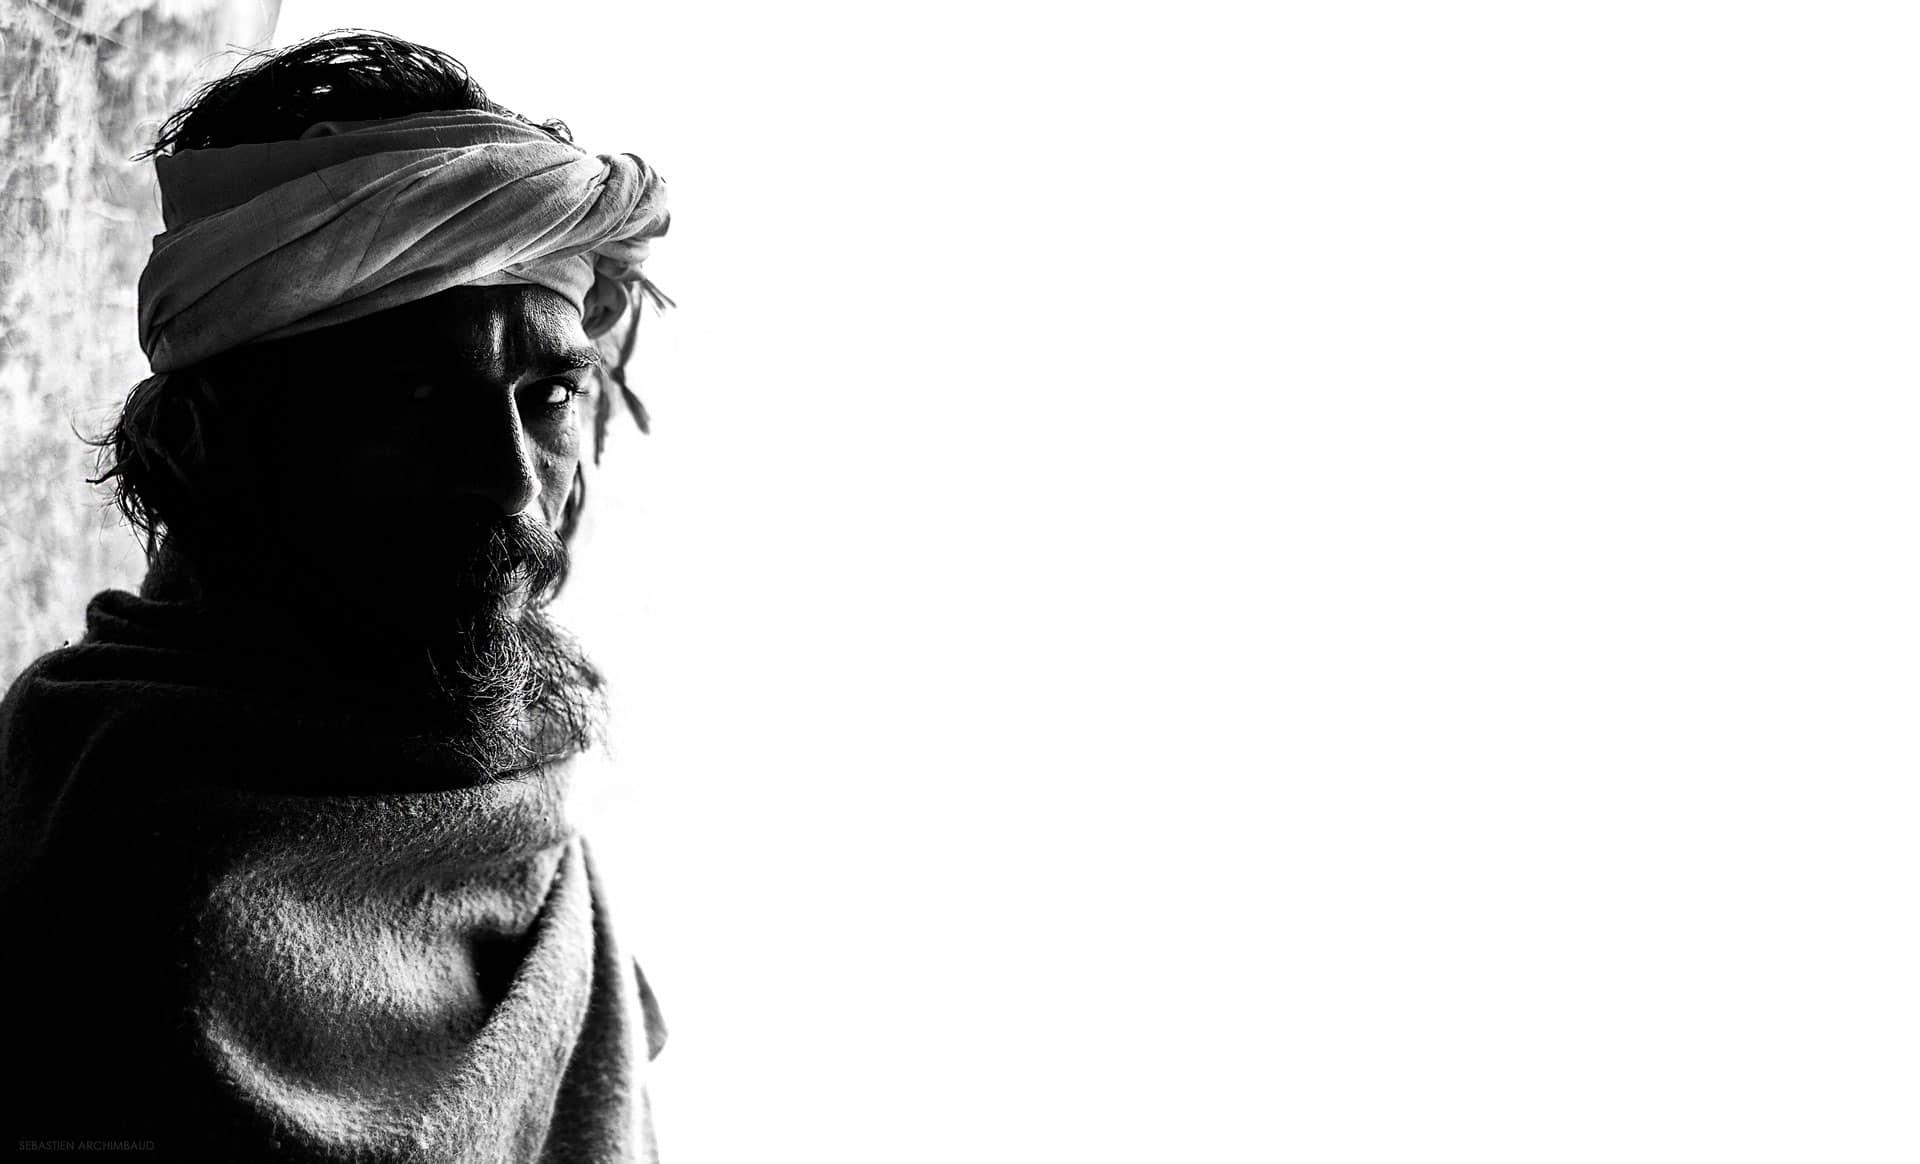 photo noir et blanche d'un portrait de sadhu en inde photographie très contrasté image artistique